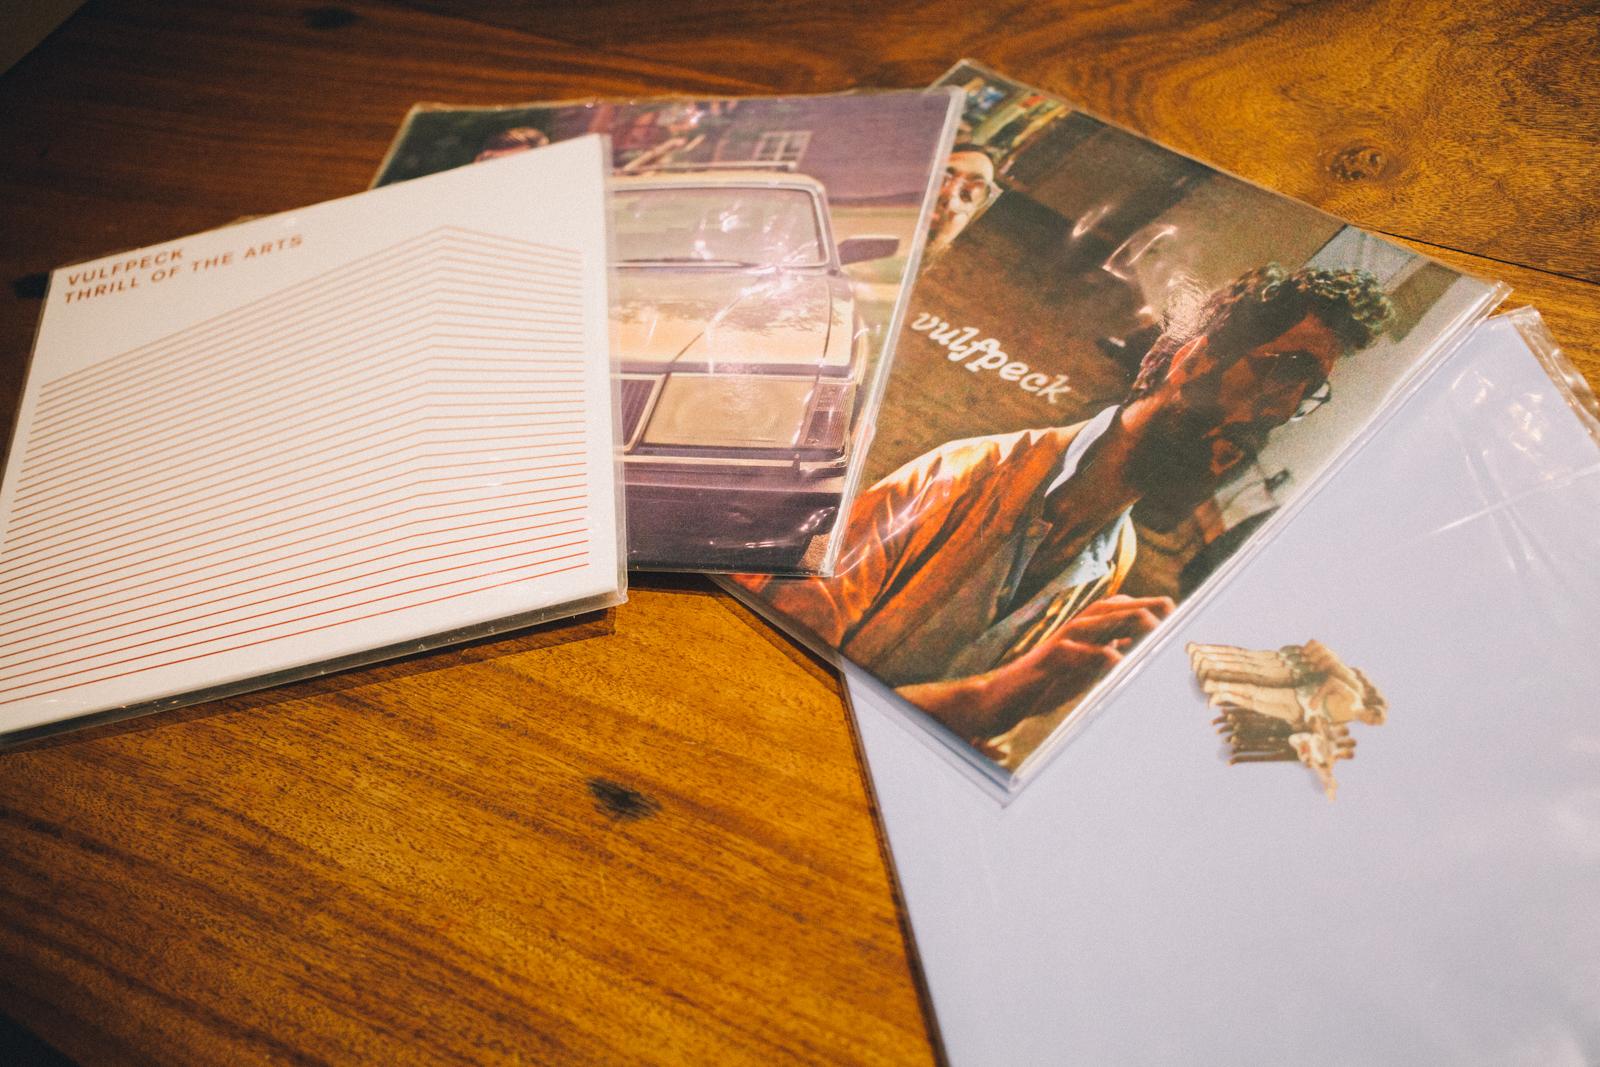 代々木上原 QRATES を利用して制作されたVULFPECKのレコード